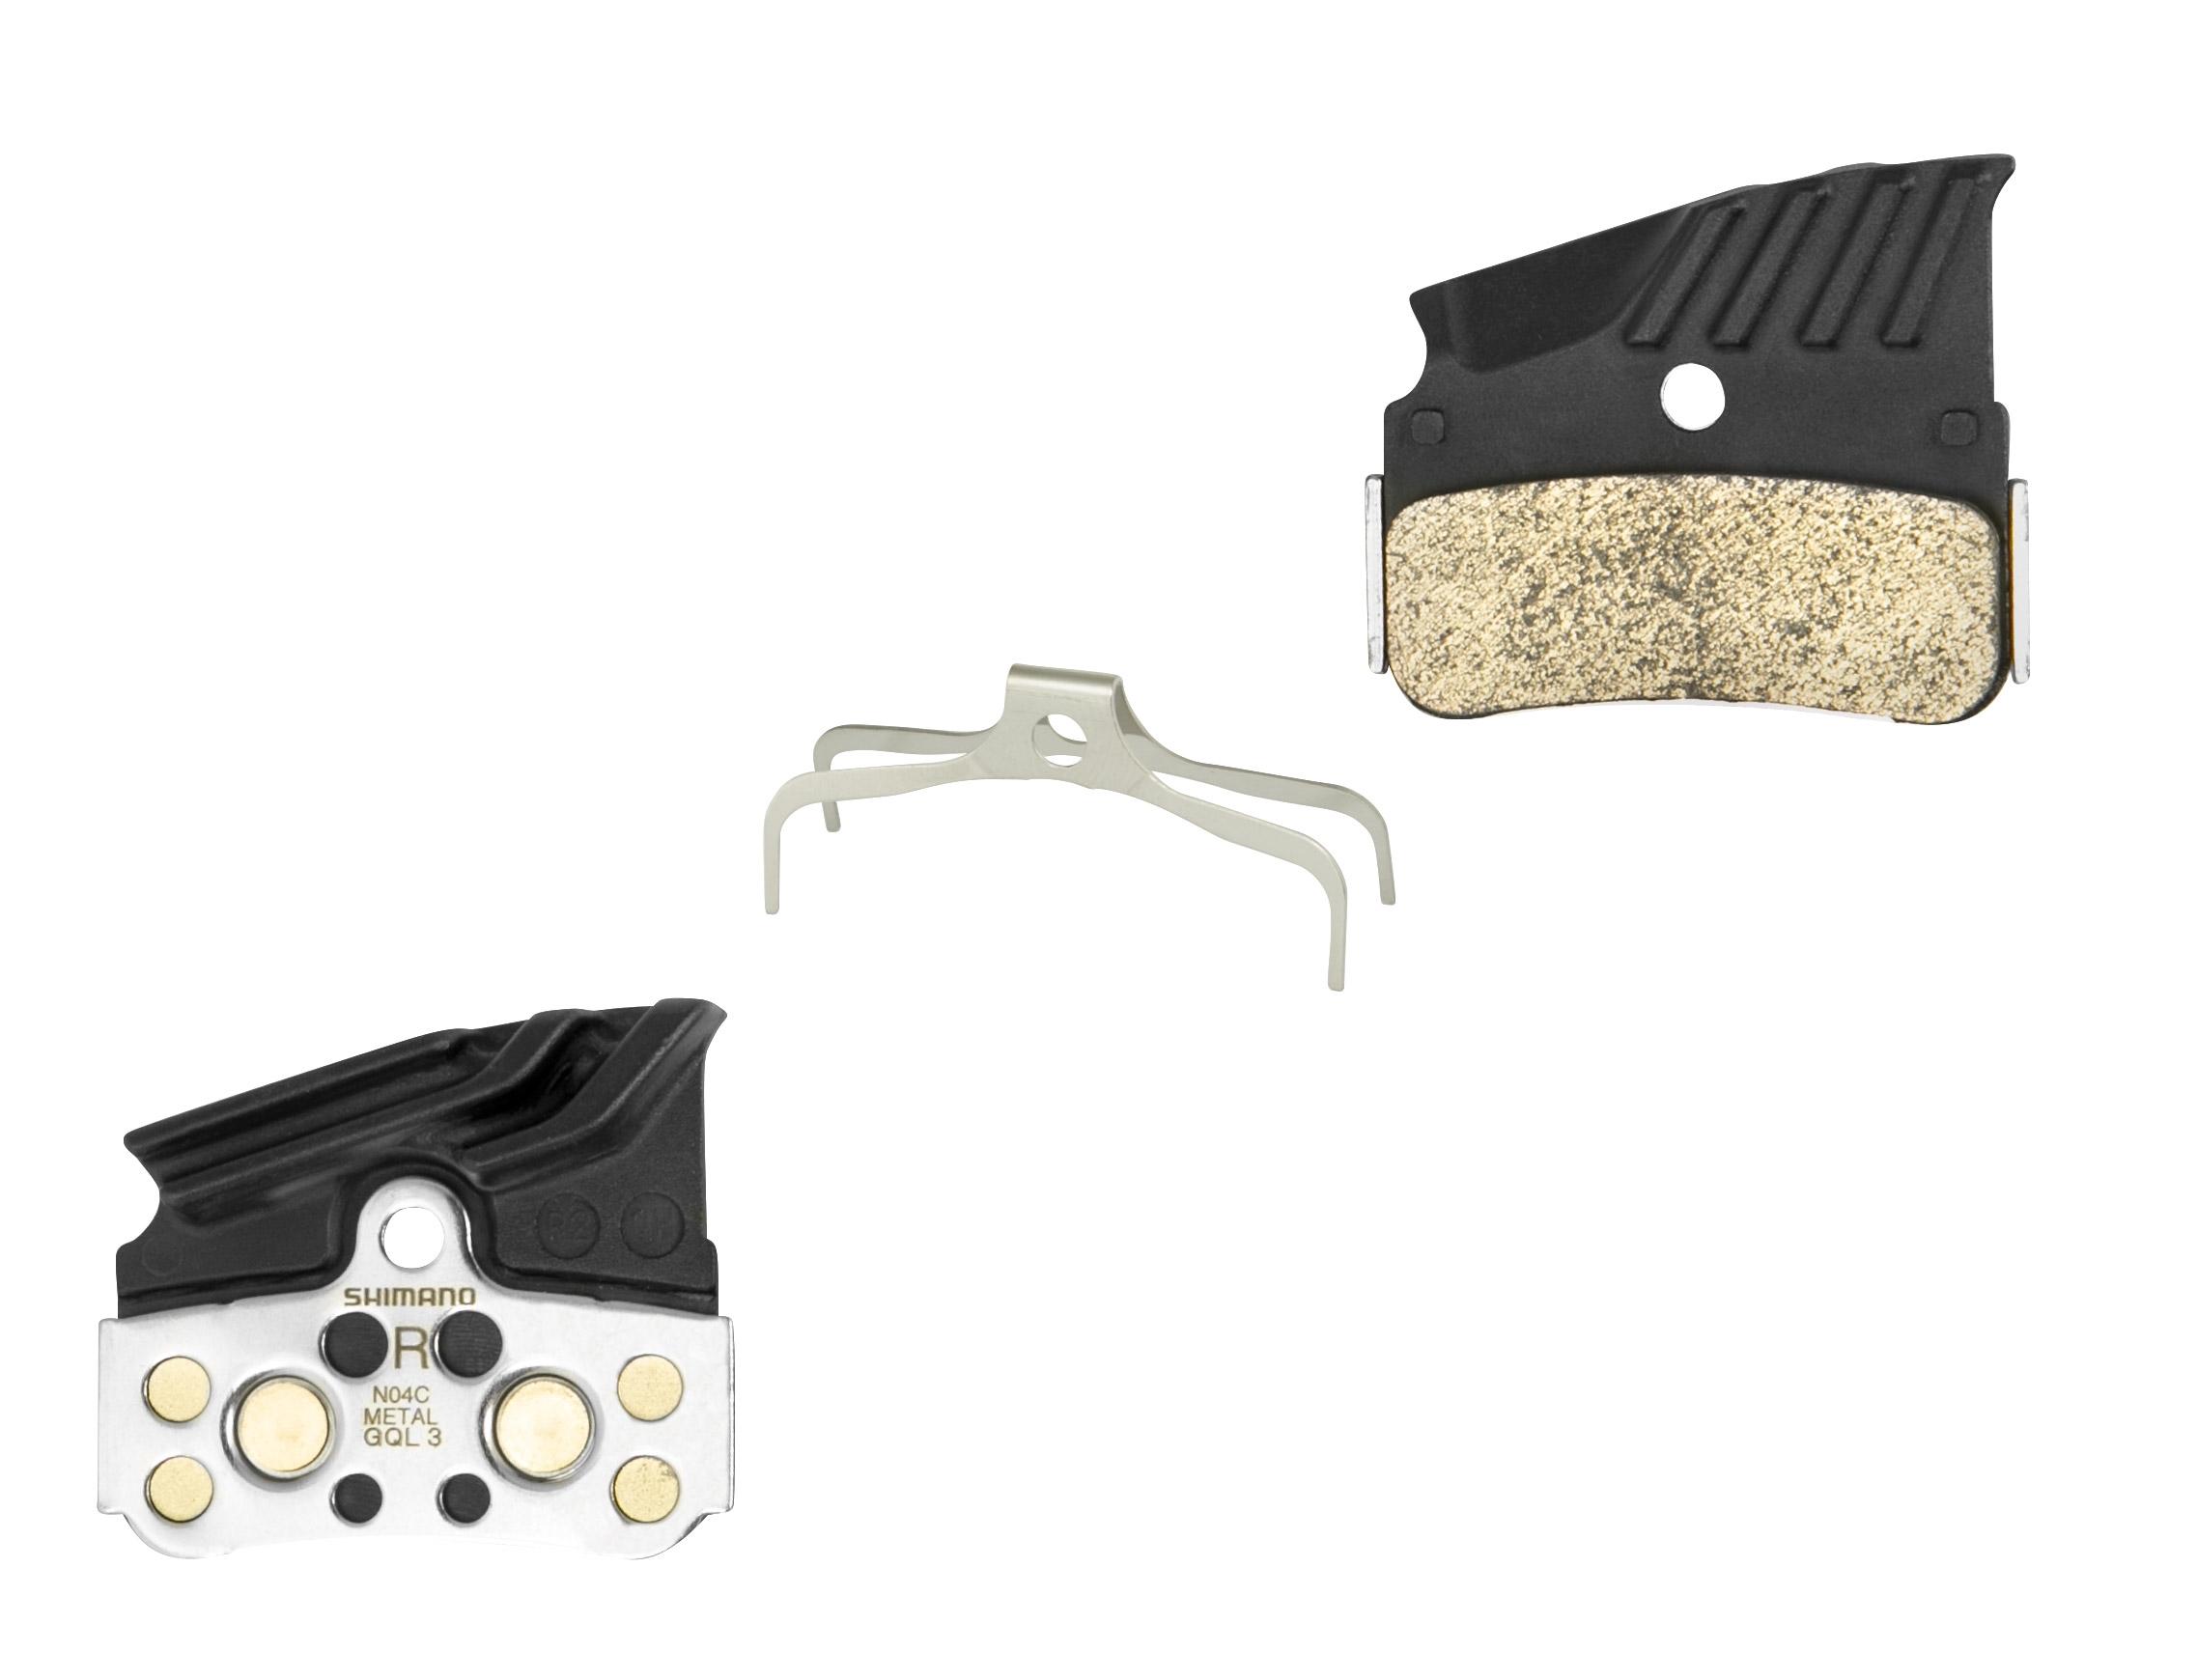 destičky brzd SH N04C kovové,s pružinou+chladič